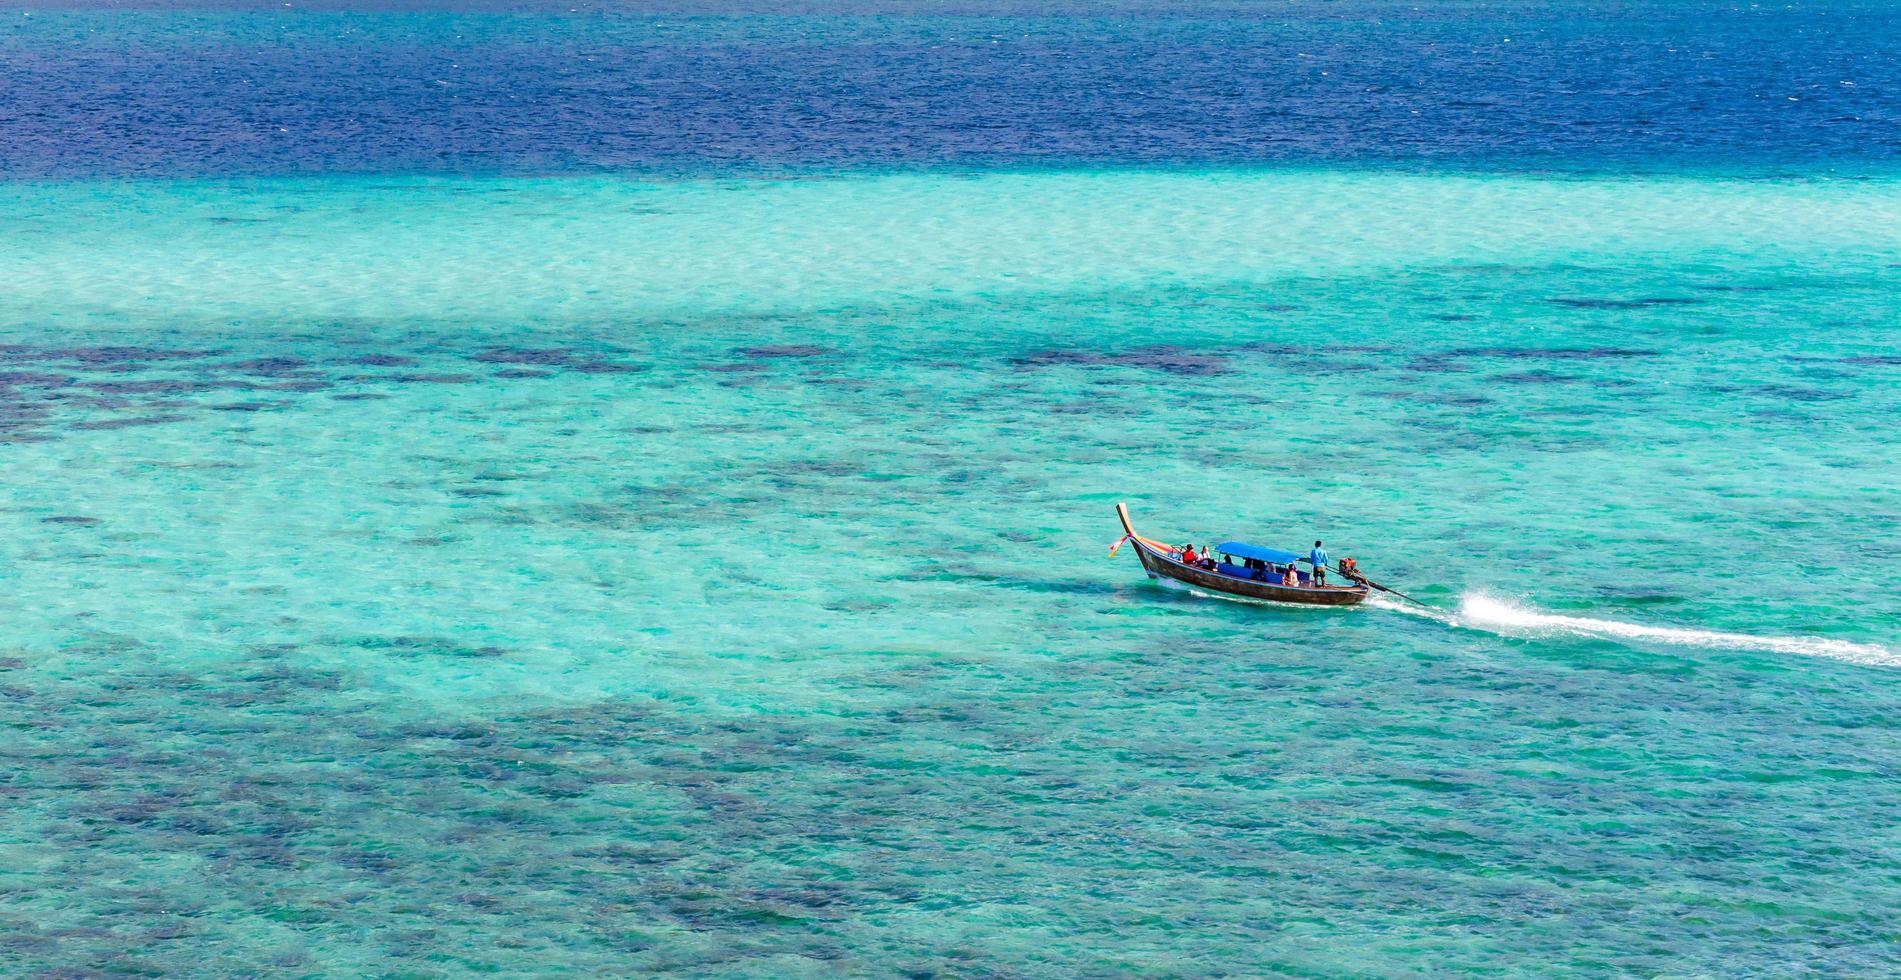 barche sul mare, li-pe thailandia. foto